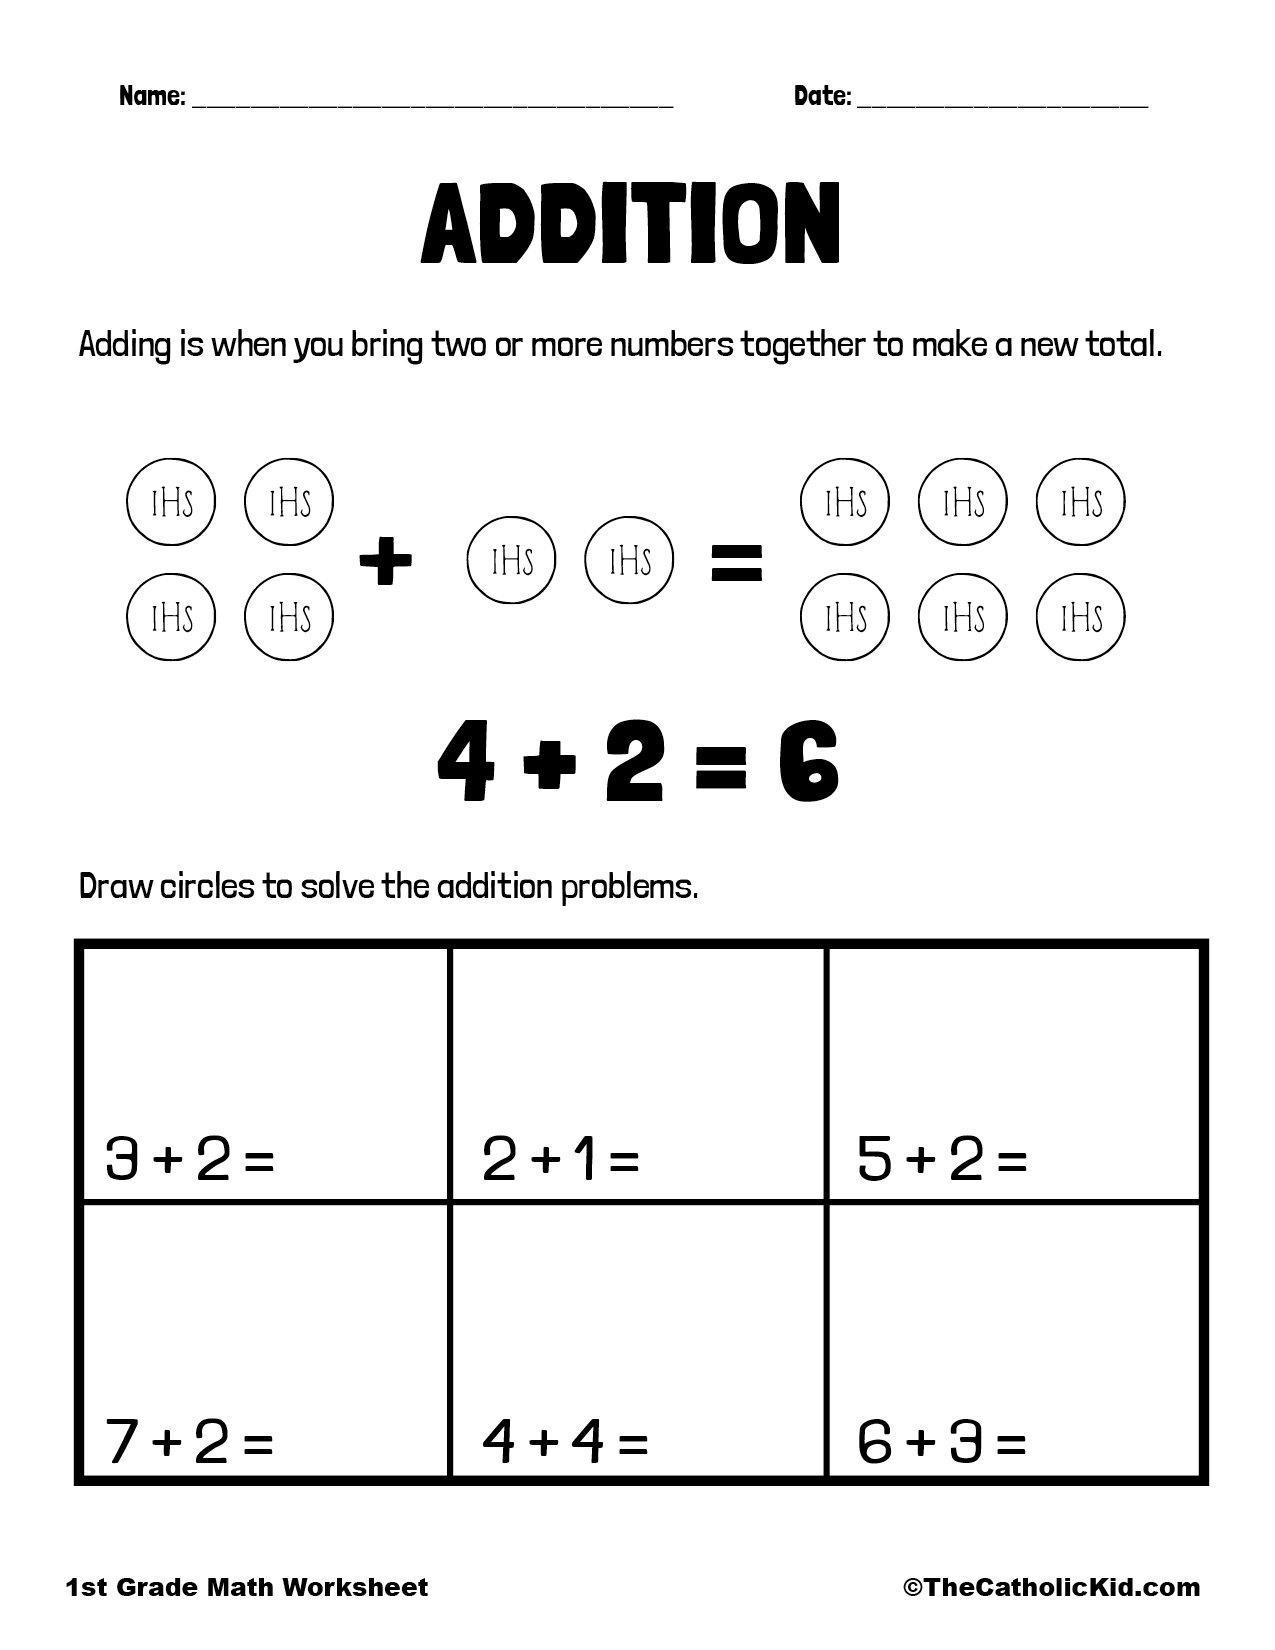 Addition - 1st Grade Math Worksheet Catholic